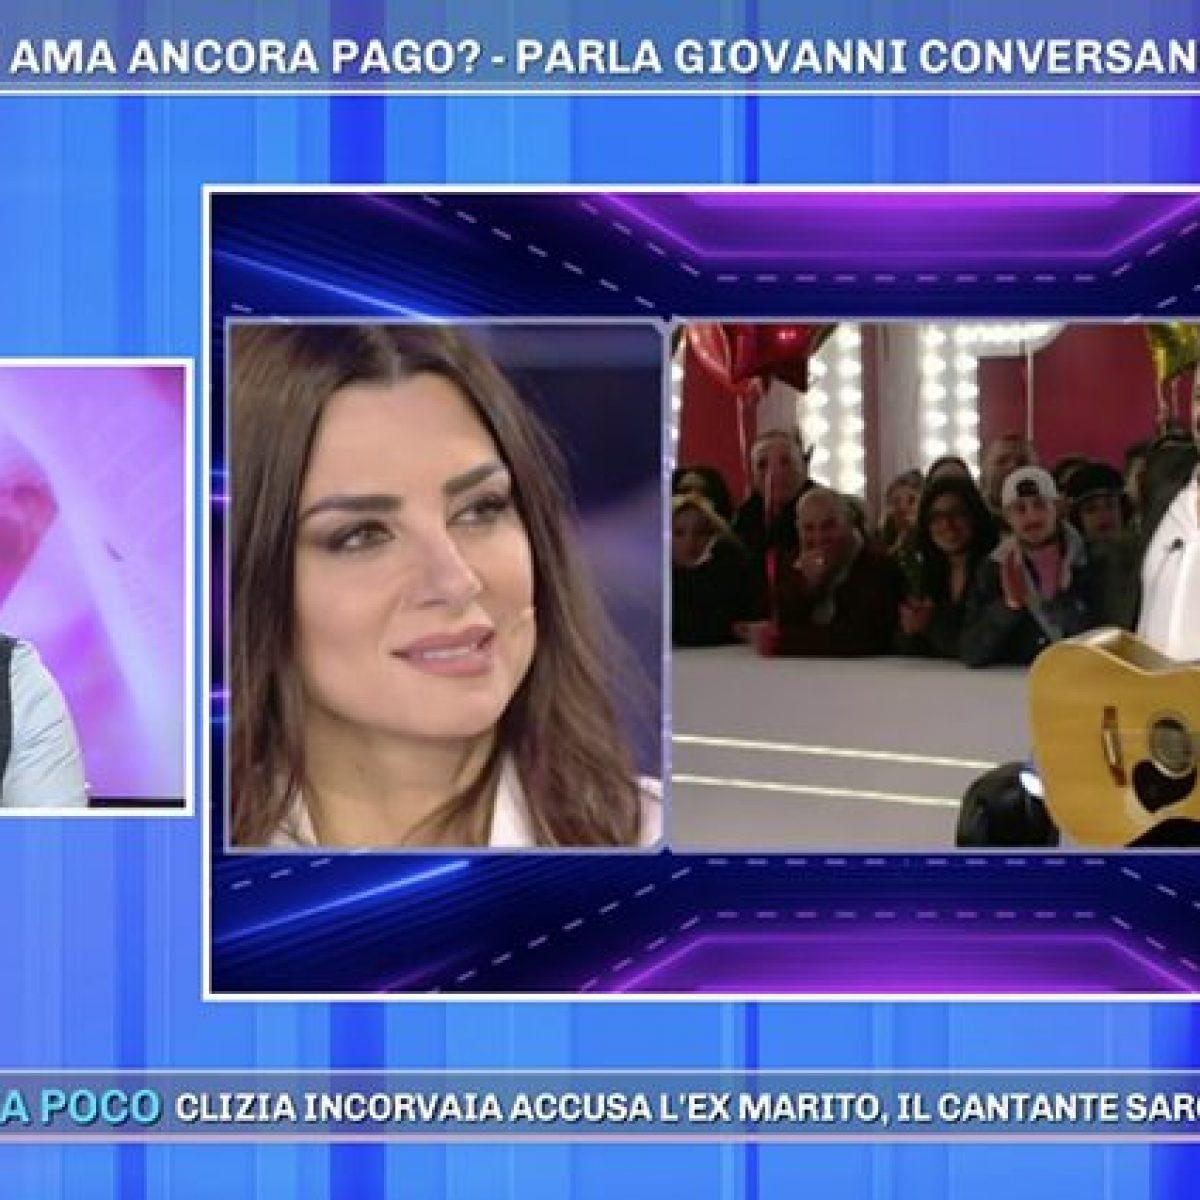 Giovanni Conversano attacca Serena Enardu: È malata di